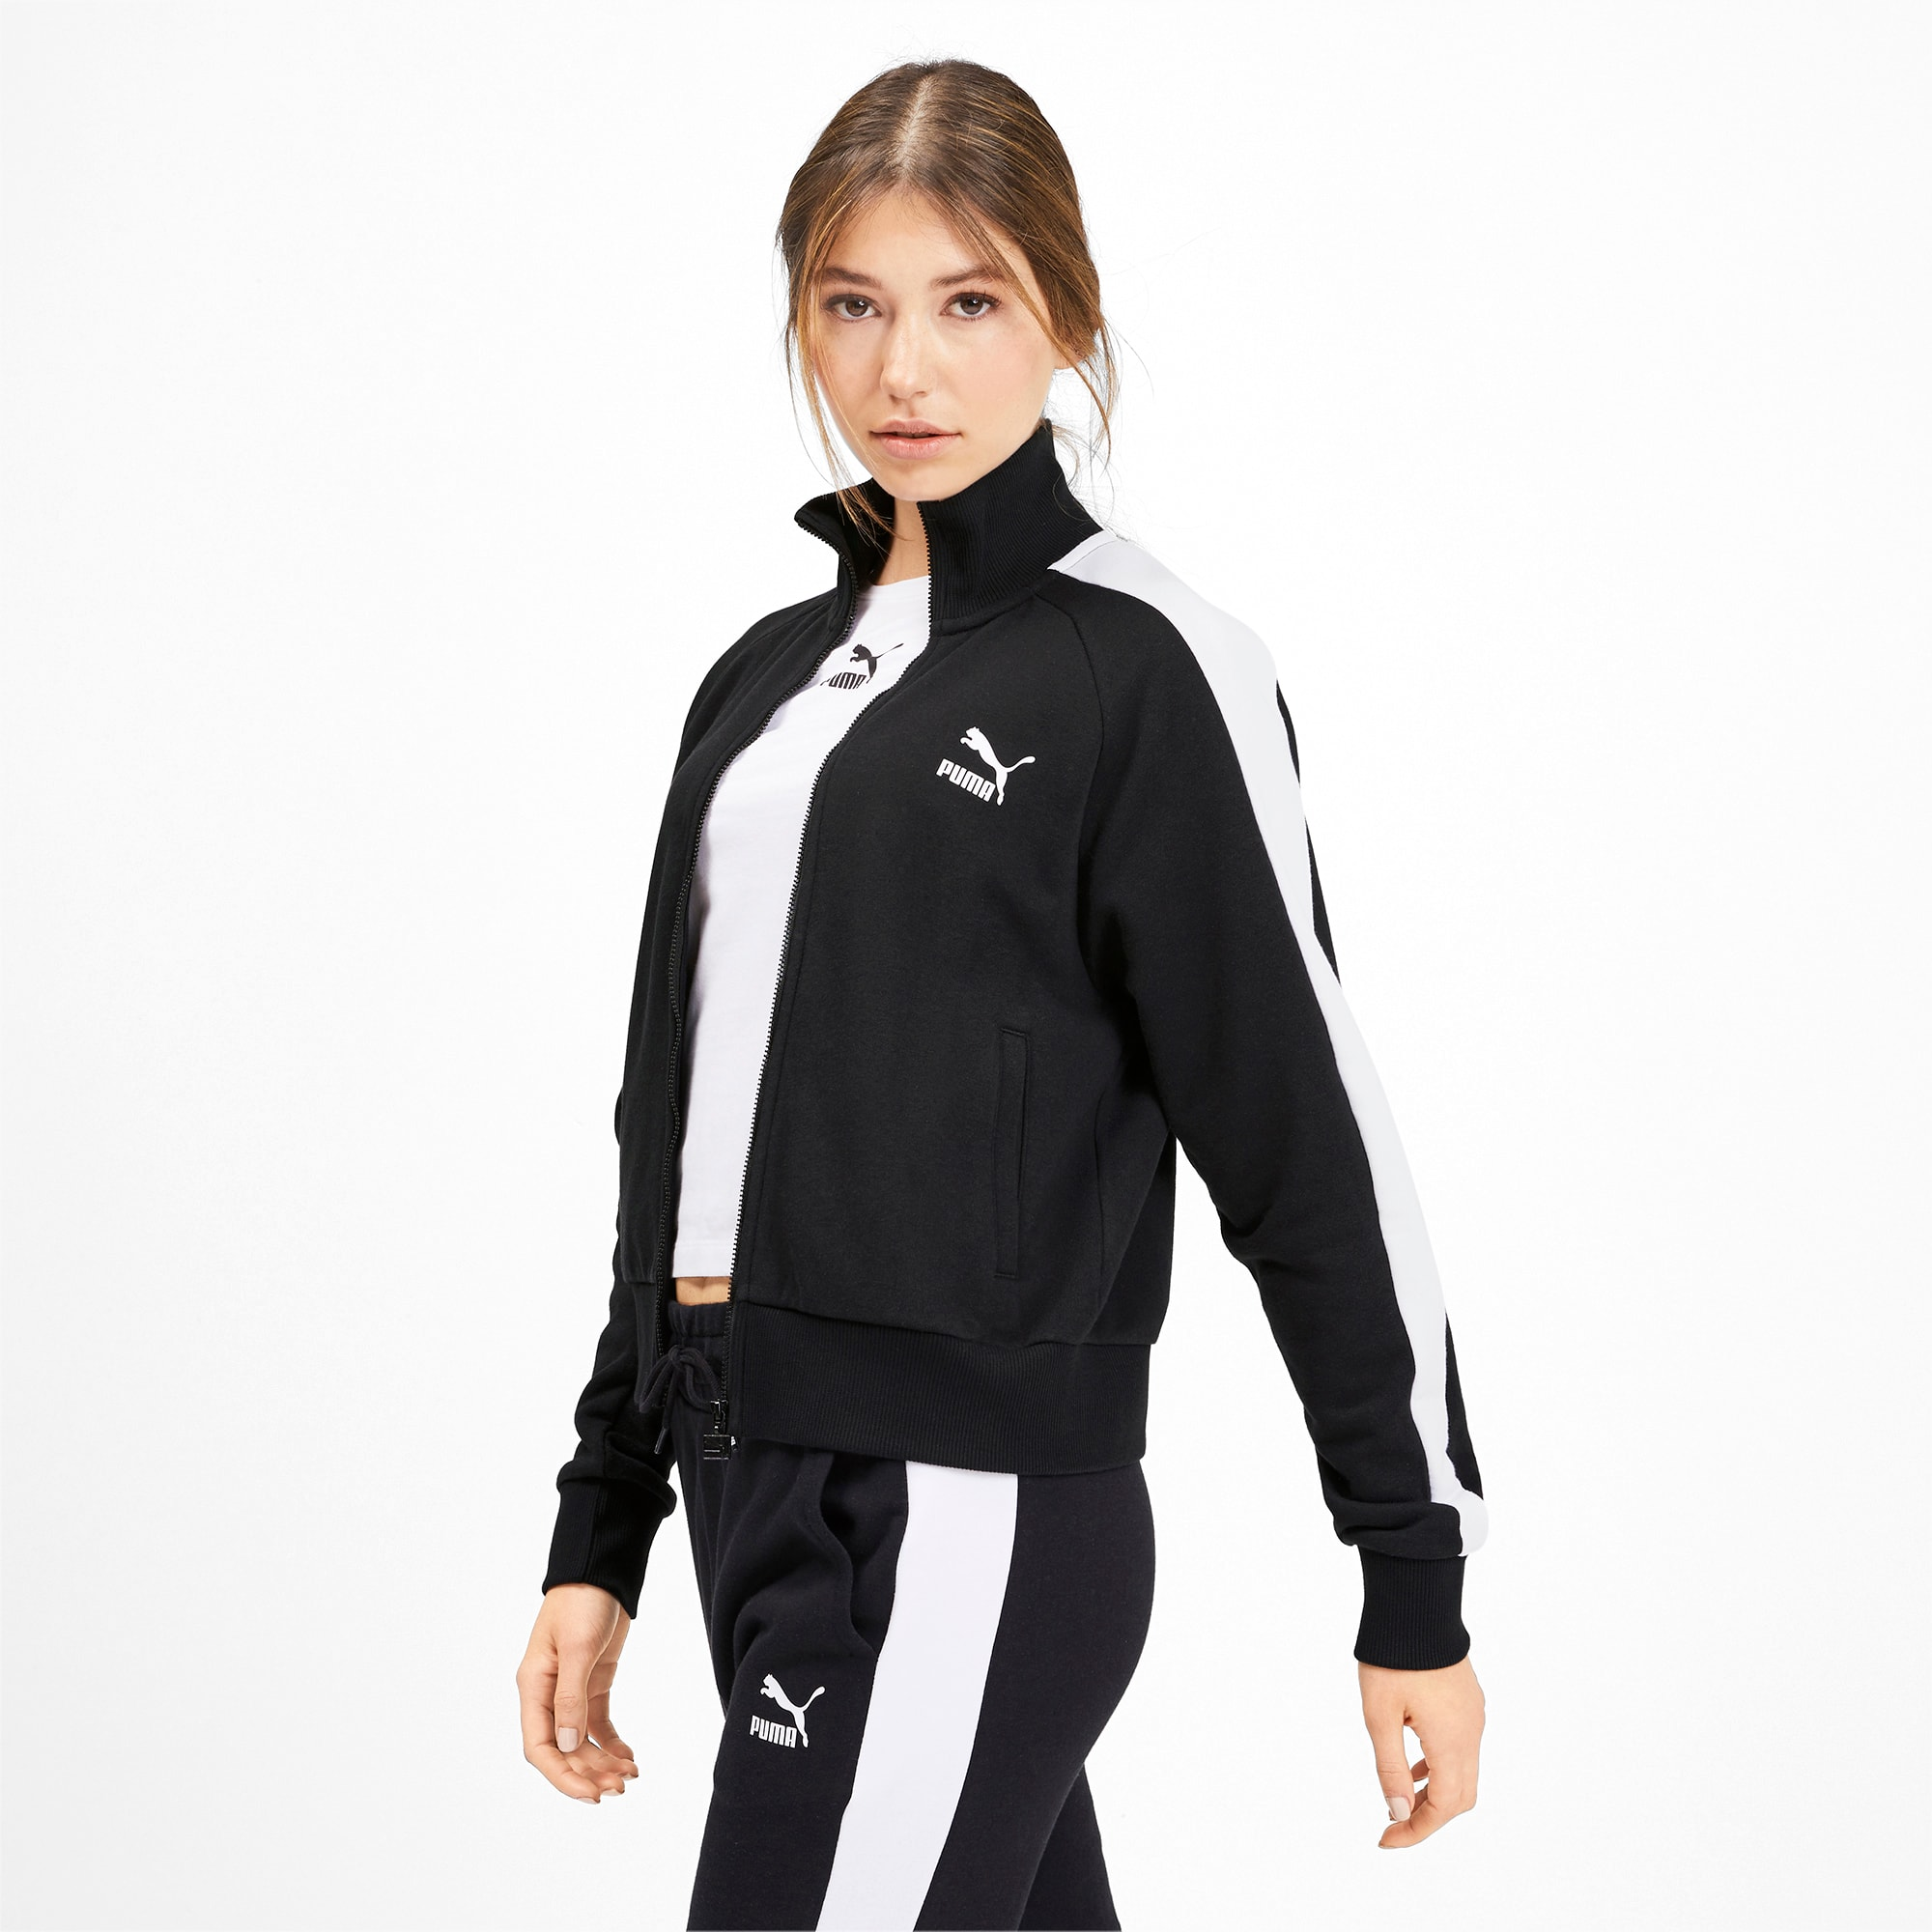 Classics T7 Damen Trainingsjacke